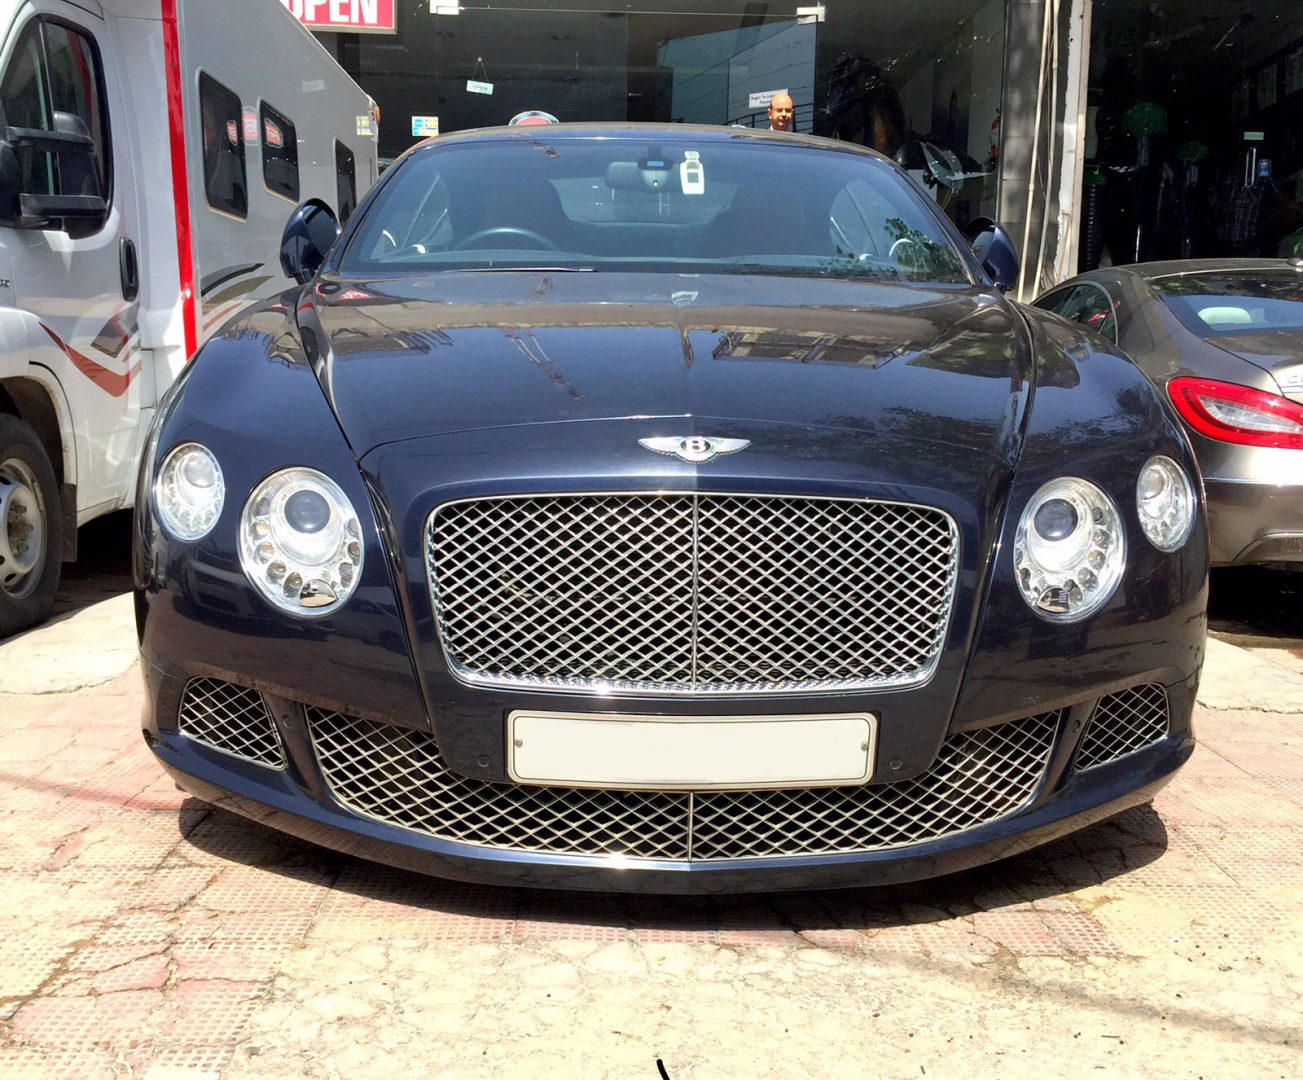 Best Bentley Car Image 11419